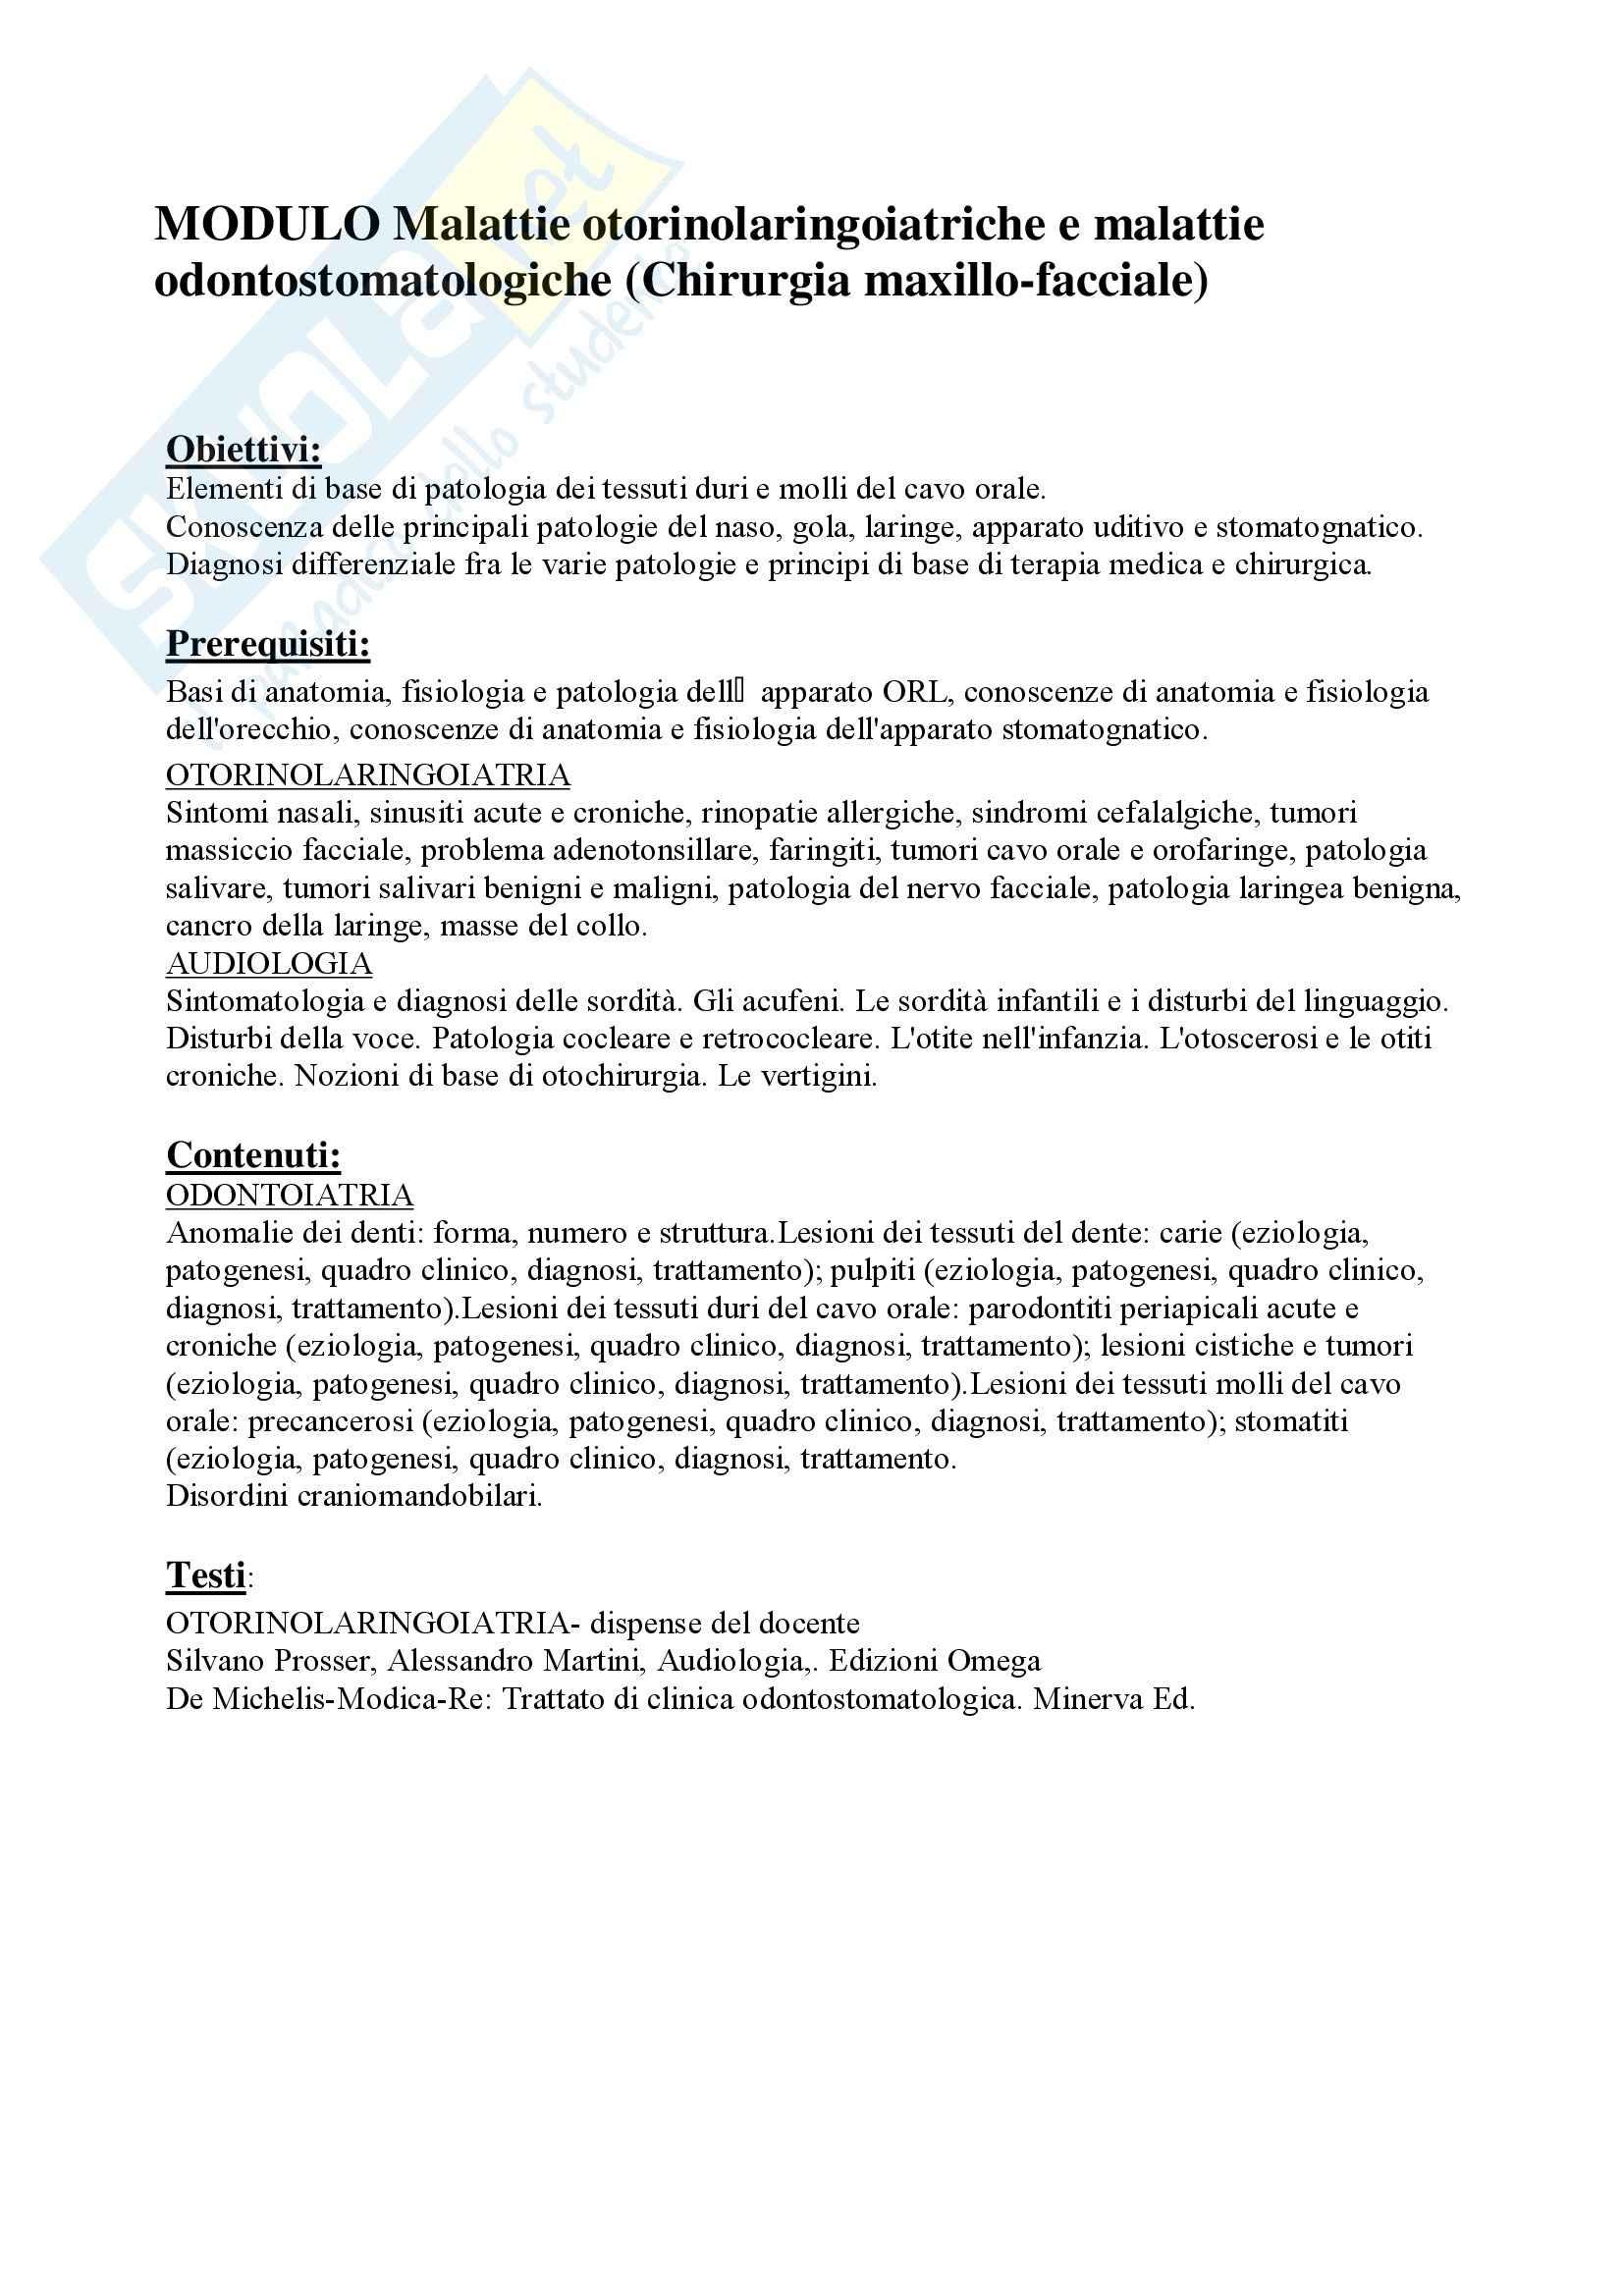 Odontolaringoiatria e CMF